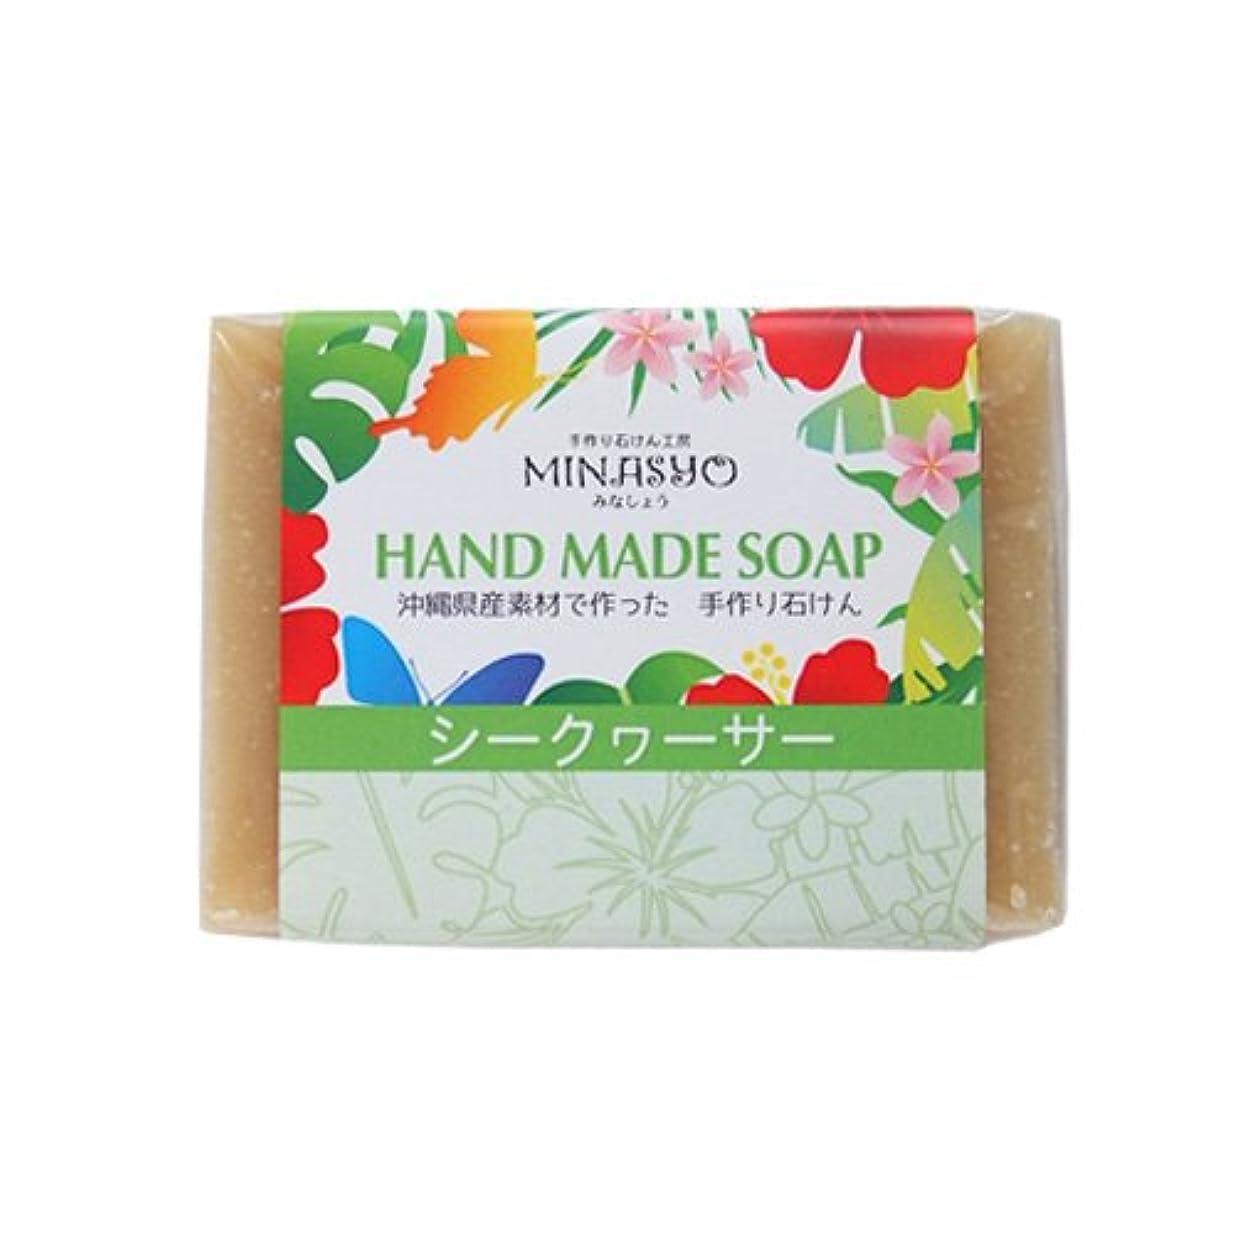 スーツケース精度鼓舞する洗顔石鹸 無添加 固形ハンドソープ ボディソープ 手作りシークワーサー石鹸